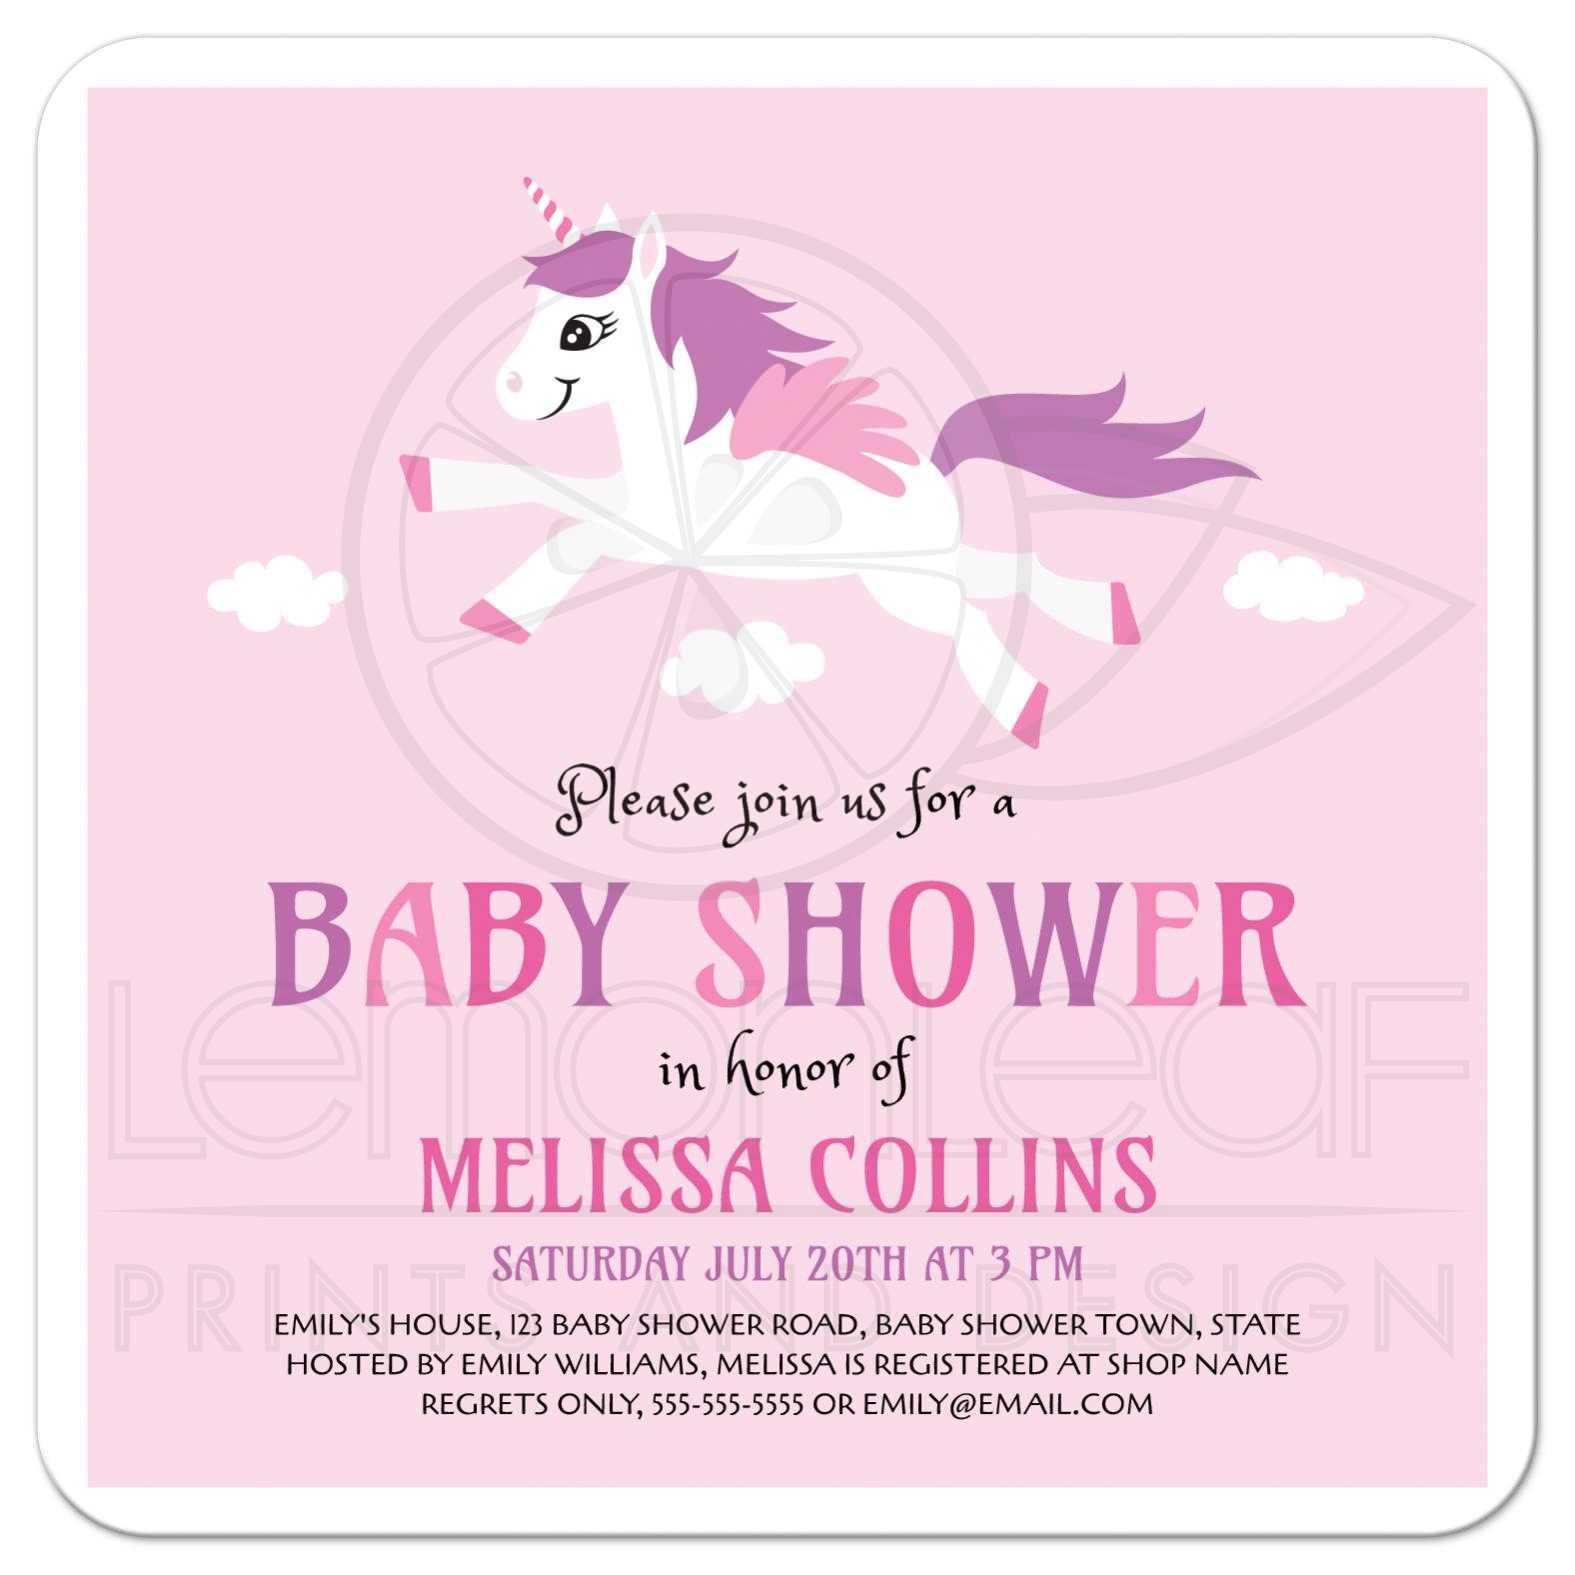 Robust Girl Showers Girls Girl Baby Shower Invitations Templates Free Girl Baby Shower Invitations Unicorn Unicorn Baby Shower Pink Pink Baby Shower Invitation Deer Purple baby shower Girl Baby Shower Invitations